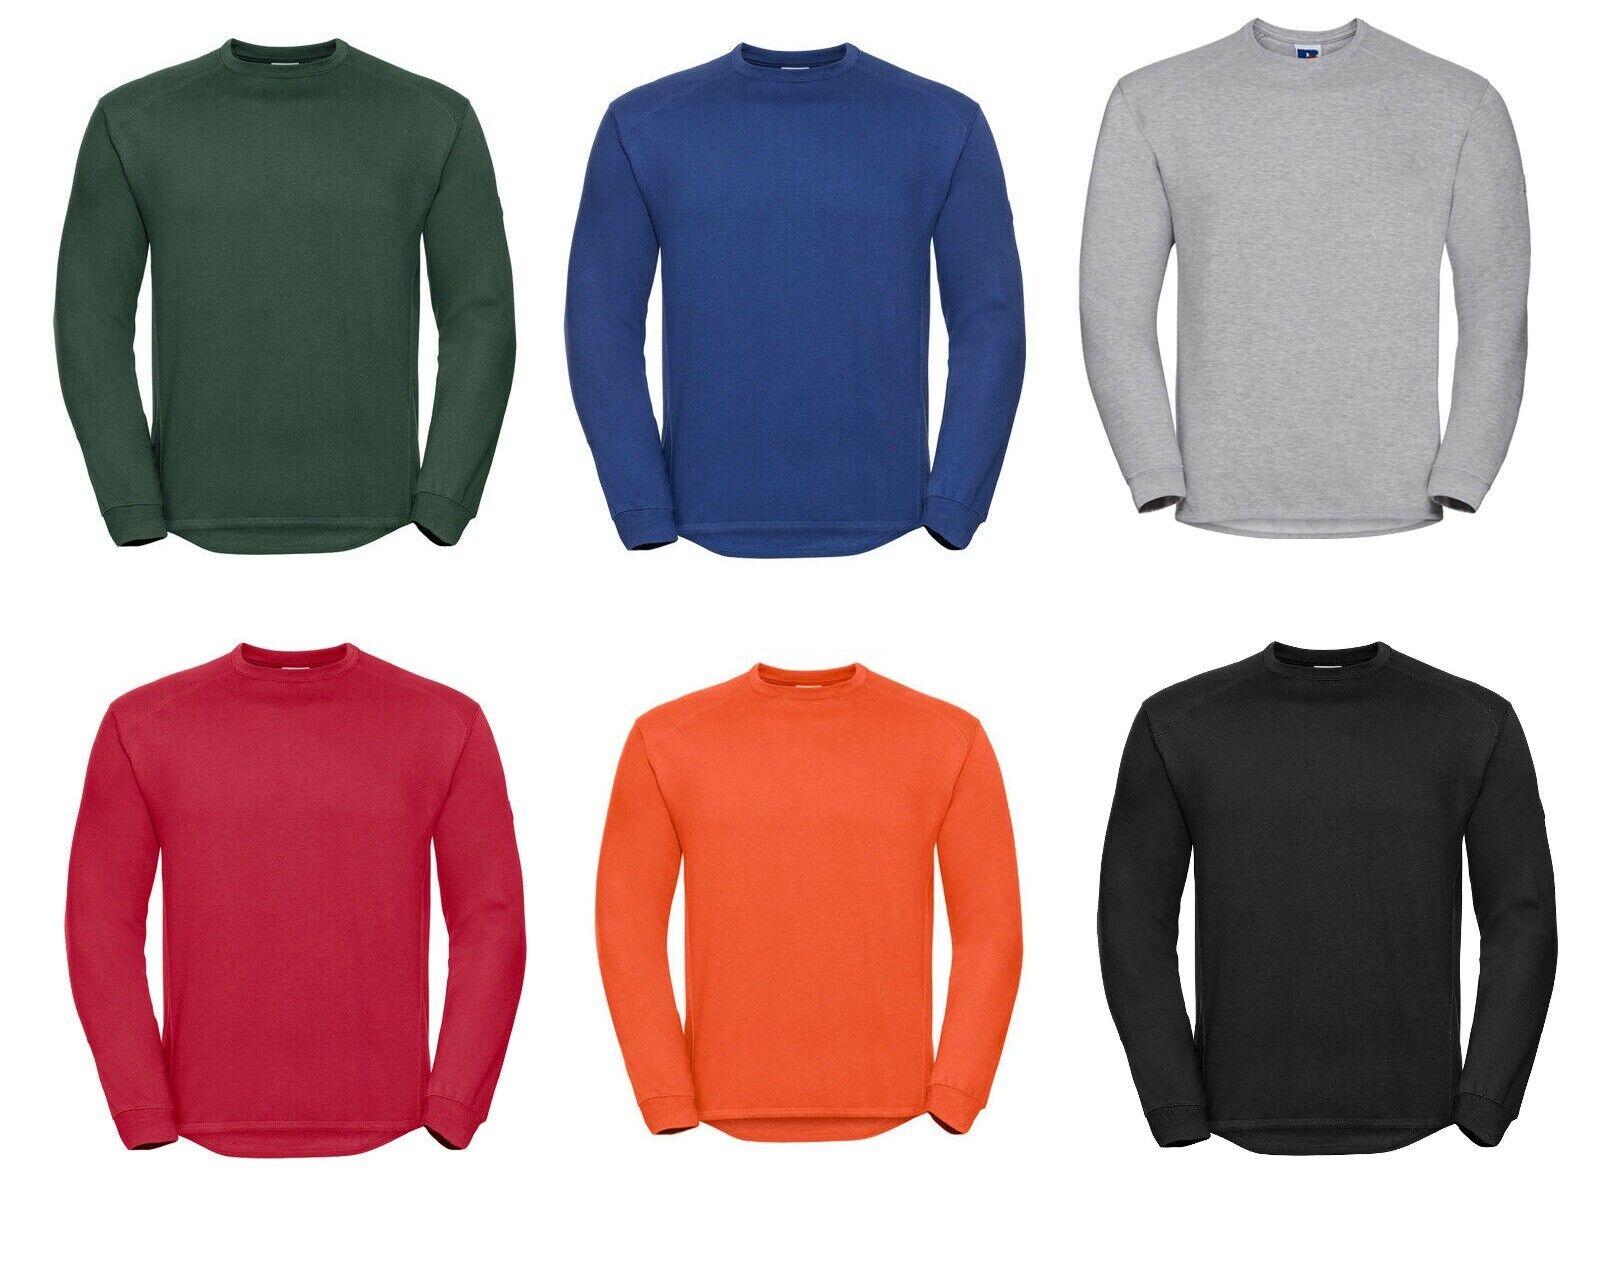 Mens Heavyweight Sweatshirt Russell Pullover Work Wear Winter Warm Plain Sweater